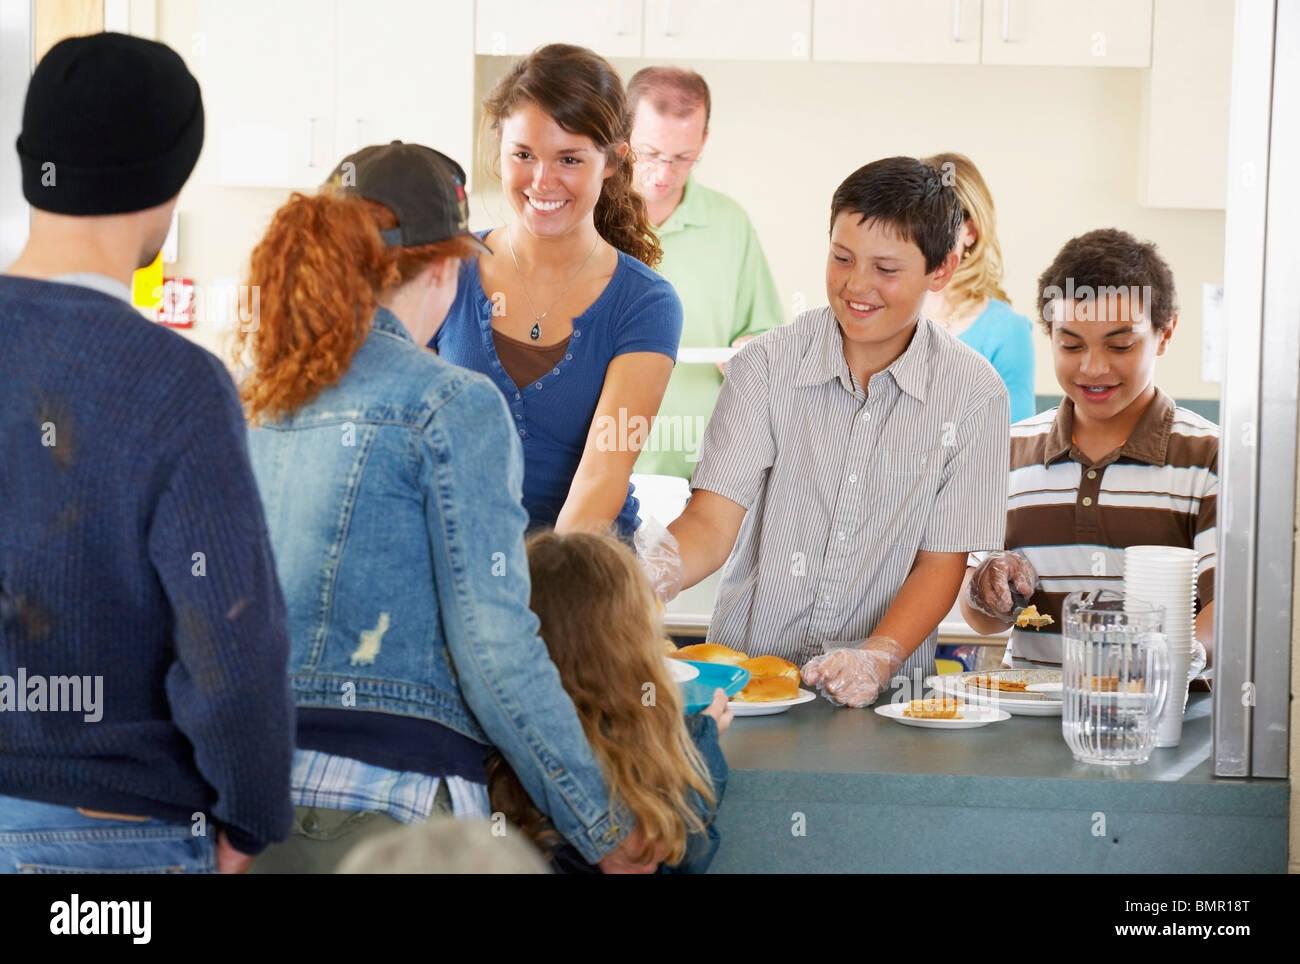 Gruppe von Menschen in Gemeinschaft Buffet Stockfoto, Bild: 30009416 ...